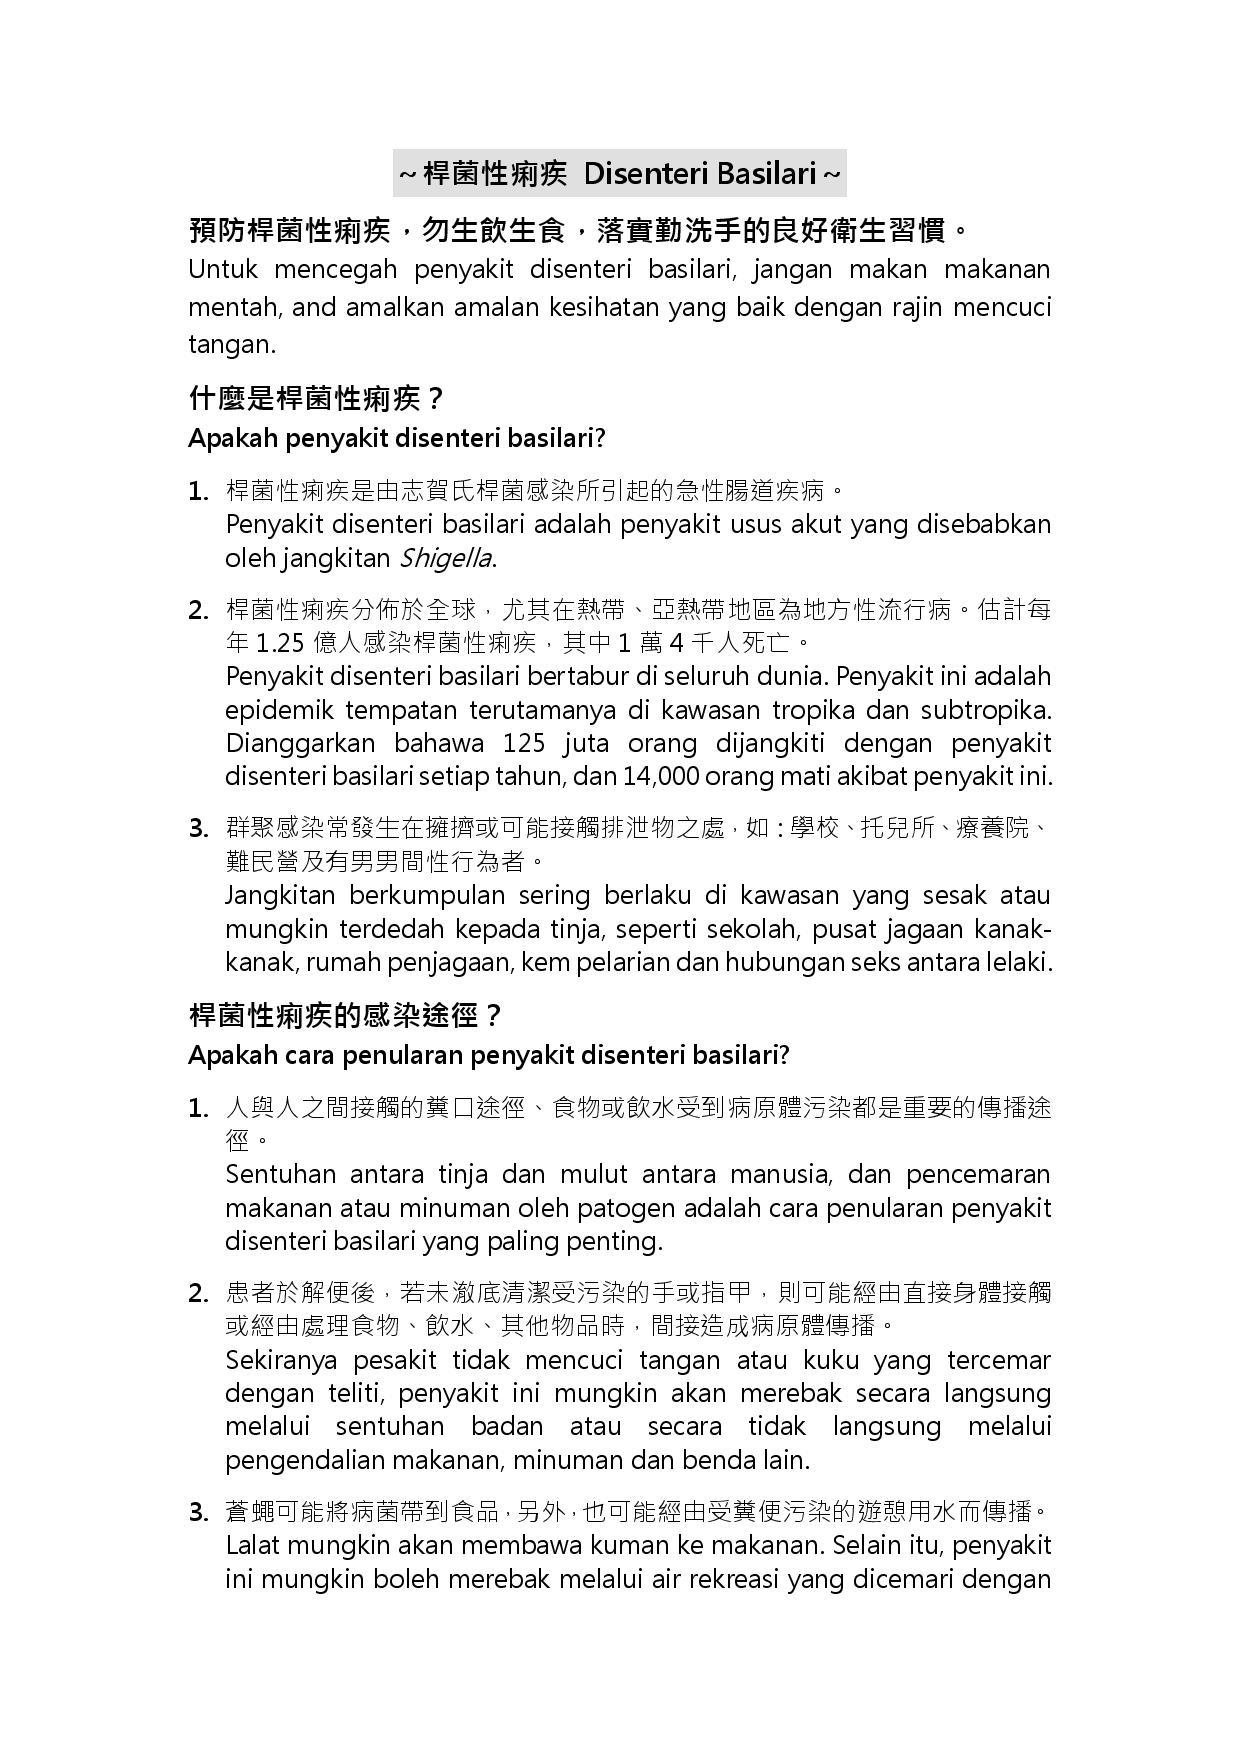 詳如附件【klik saya】Untuk mencegah penyakit disenteri basilari(Halaman 1)預防桿菌性痢疾,勿生飲生食,落實勤洗手的良好衛生習慣(馬來文)